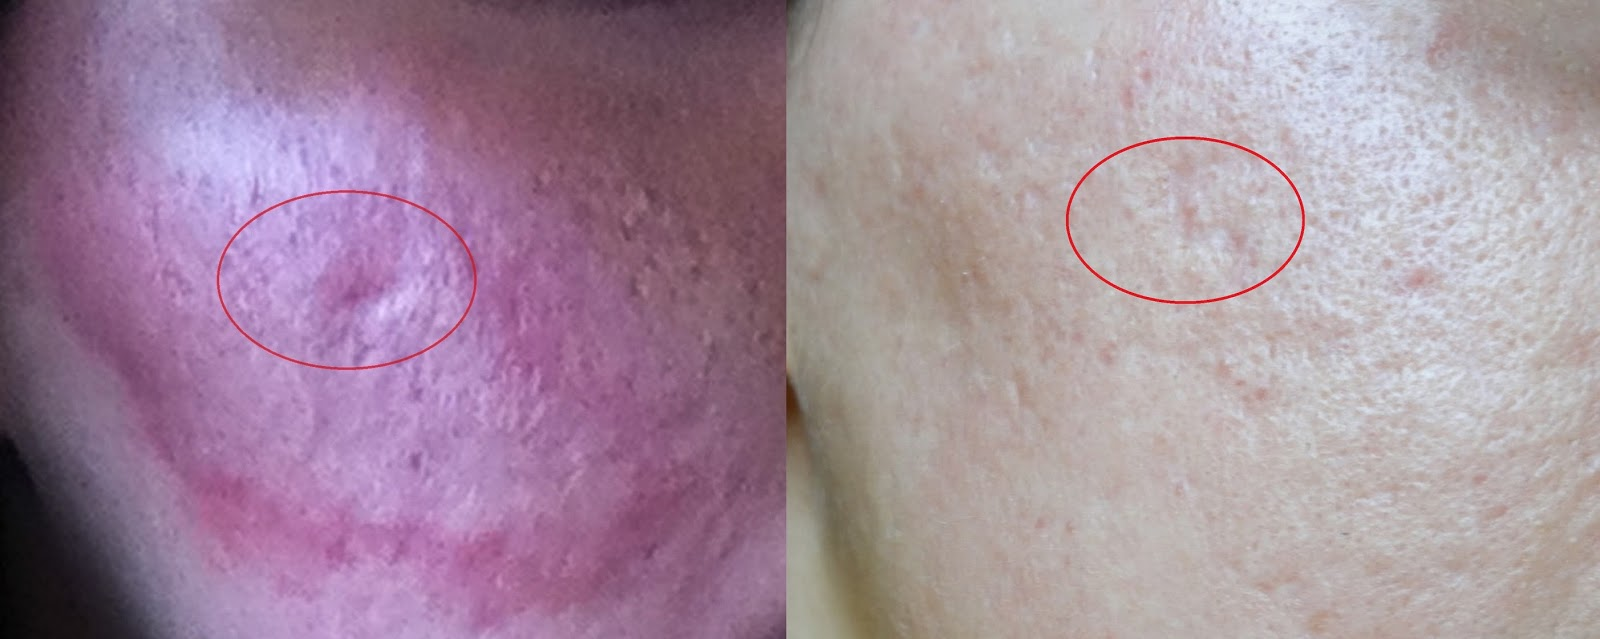 Laser viso acne cicatrici foto prima e dopo